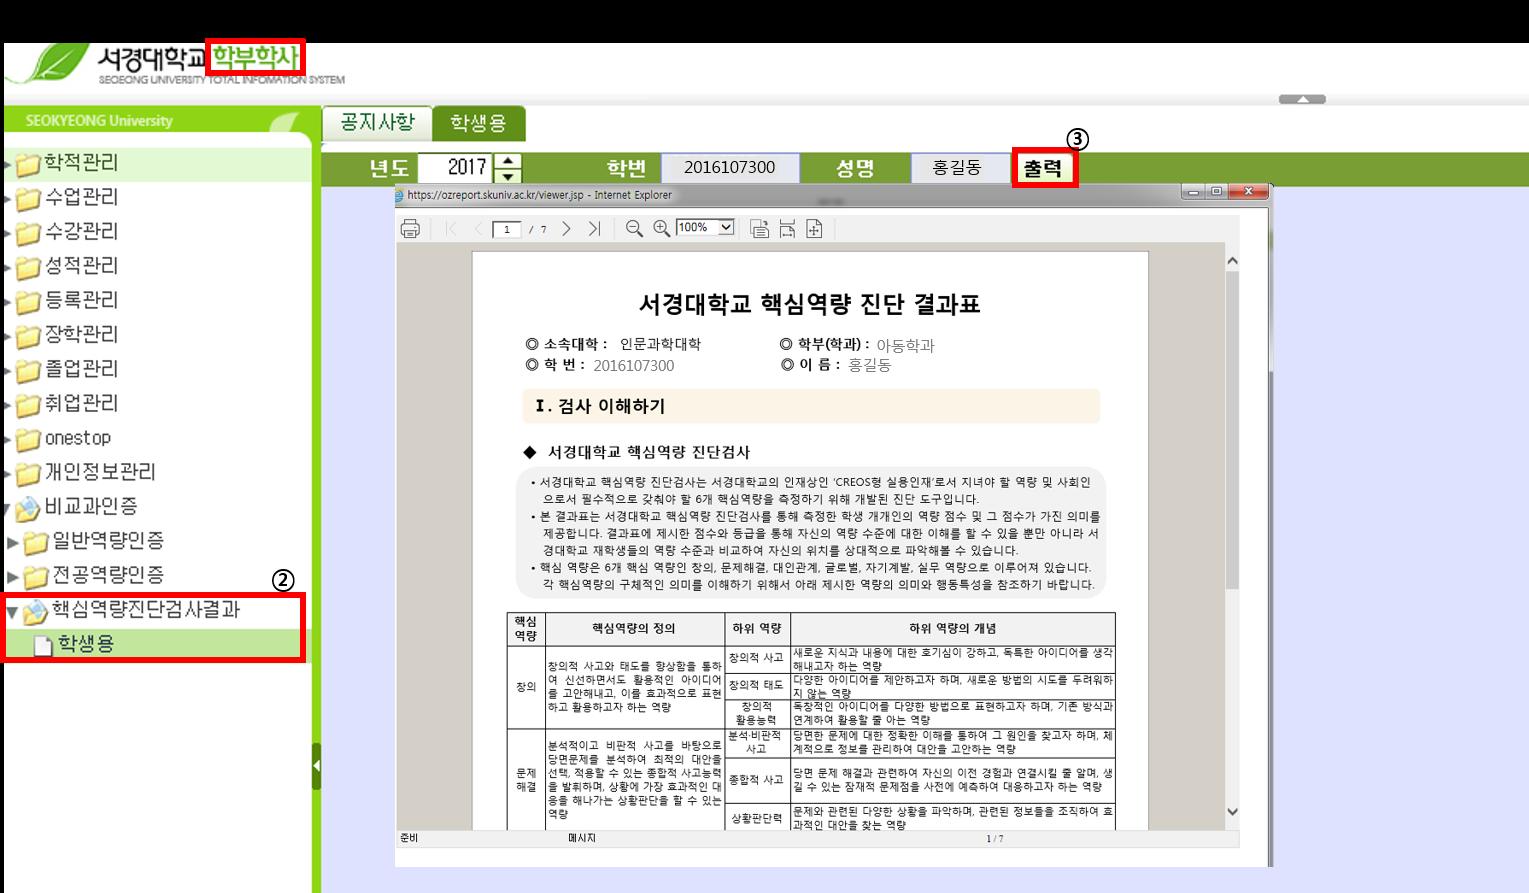 핵심역량진단평가_학생확인용.png